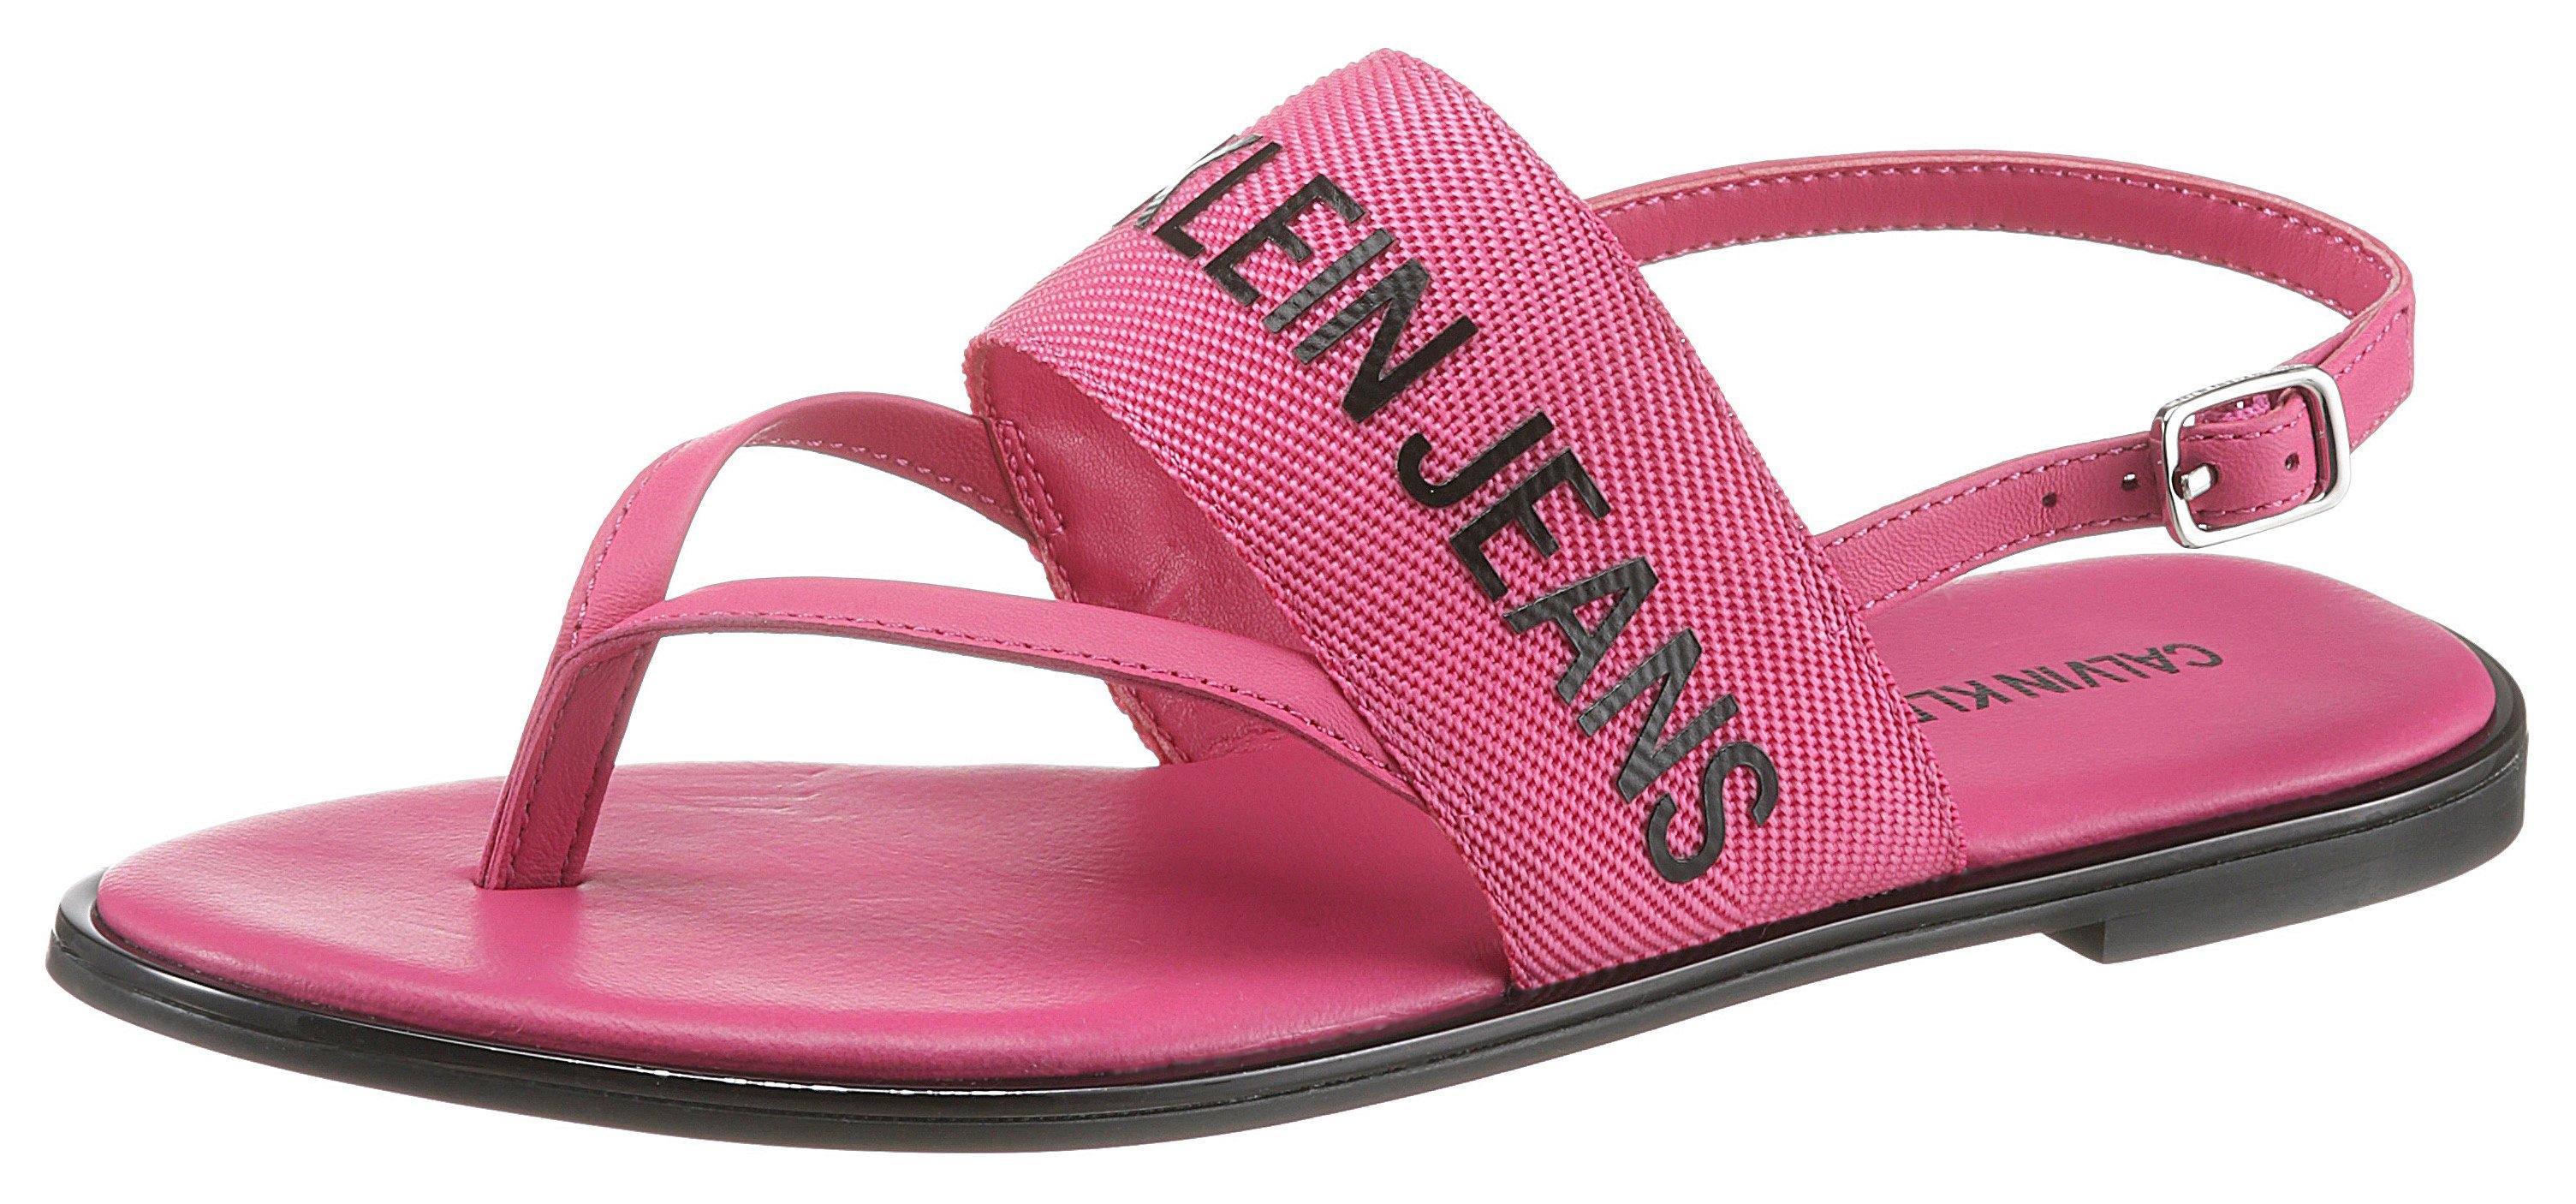 Calvin Klein sandalen met zacht teenbandje online kopen op otto.nl